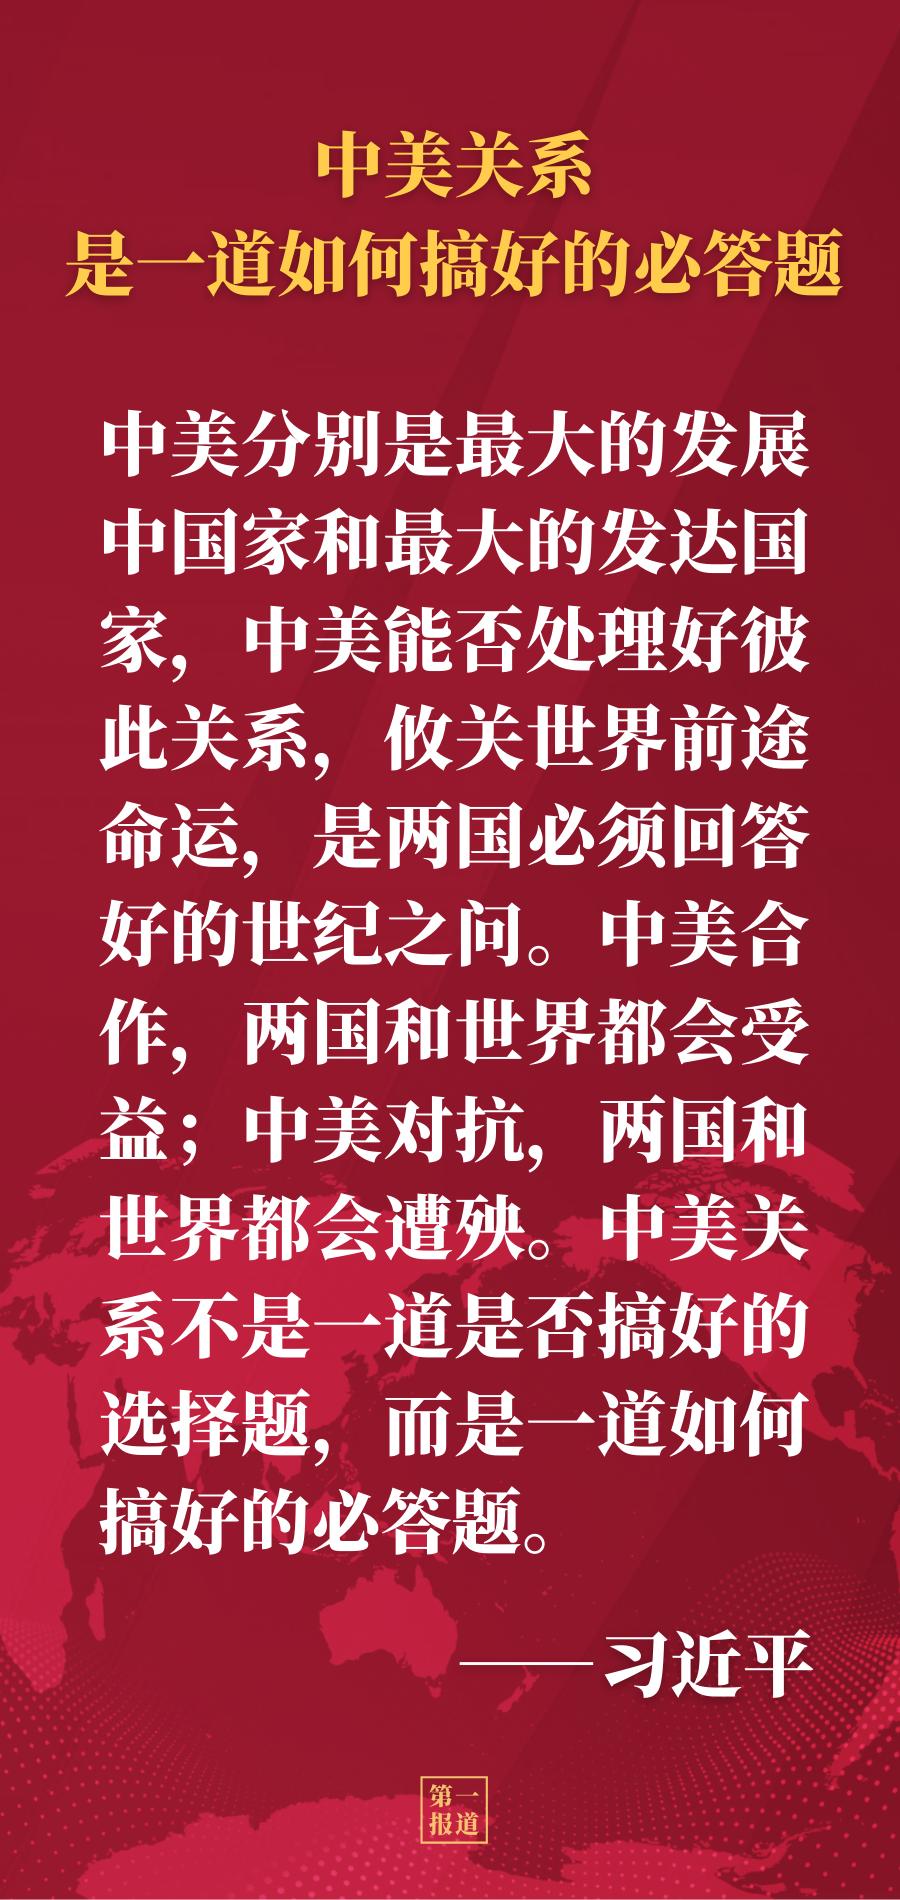 第一报道   中美元首通话 习近平强调这三点